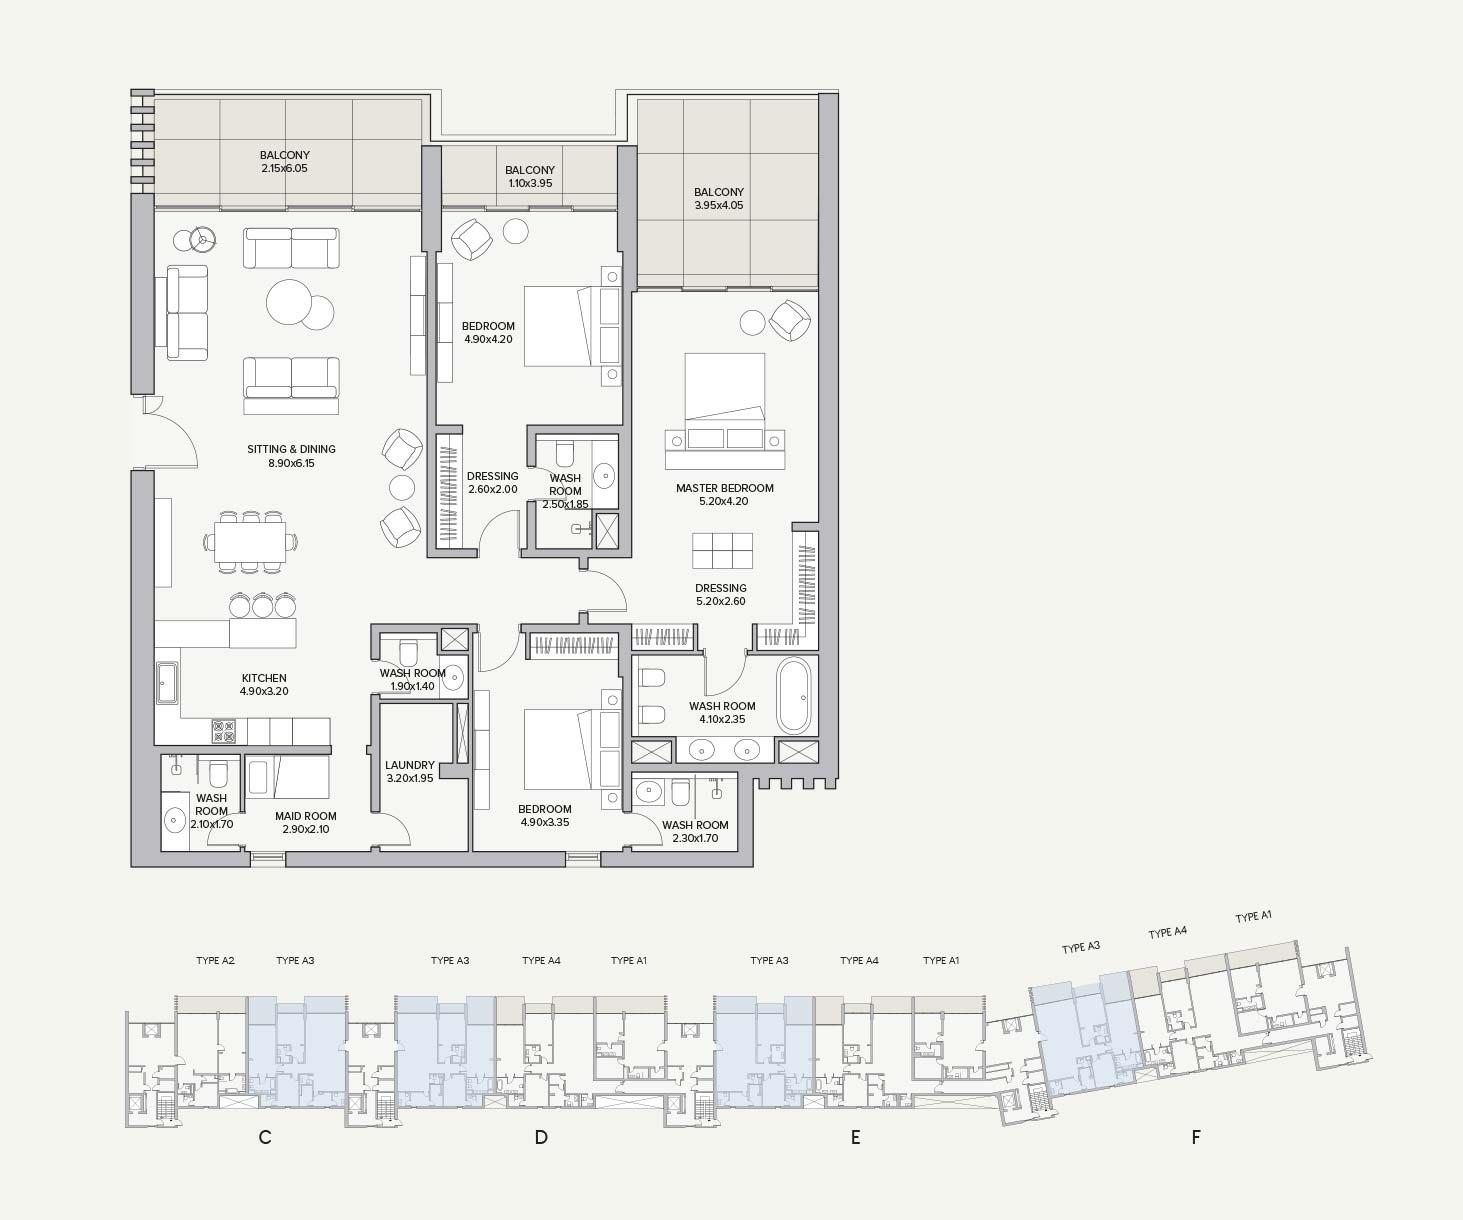 Type A3 Apartment Block C/D/E/F